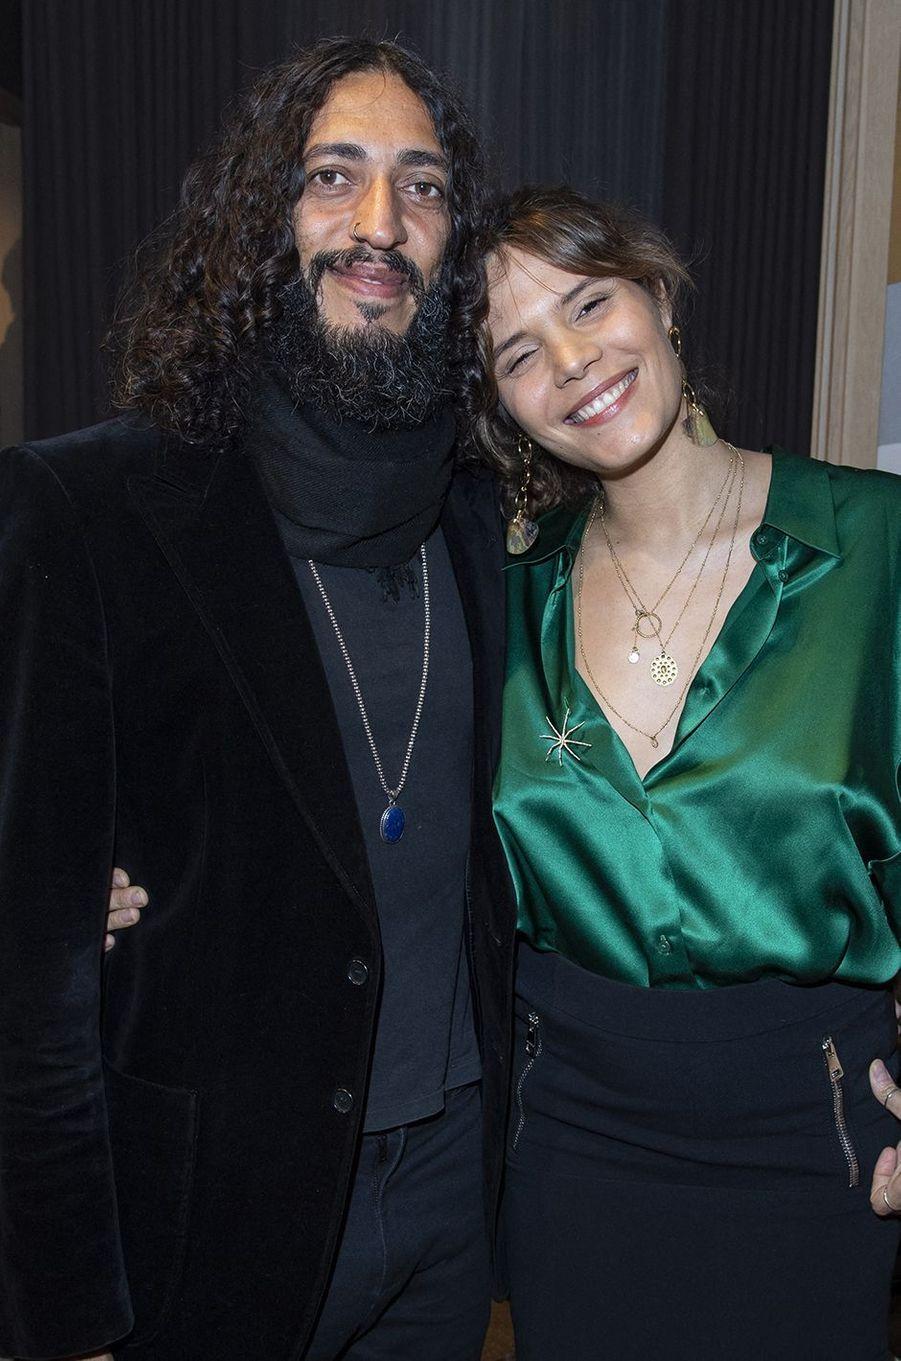 Vanille Clerc avait révélé en avril 2020 à Paris Match qu'elle et son compagnonRobinho Tavares avaient eu leur premier enfant.